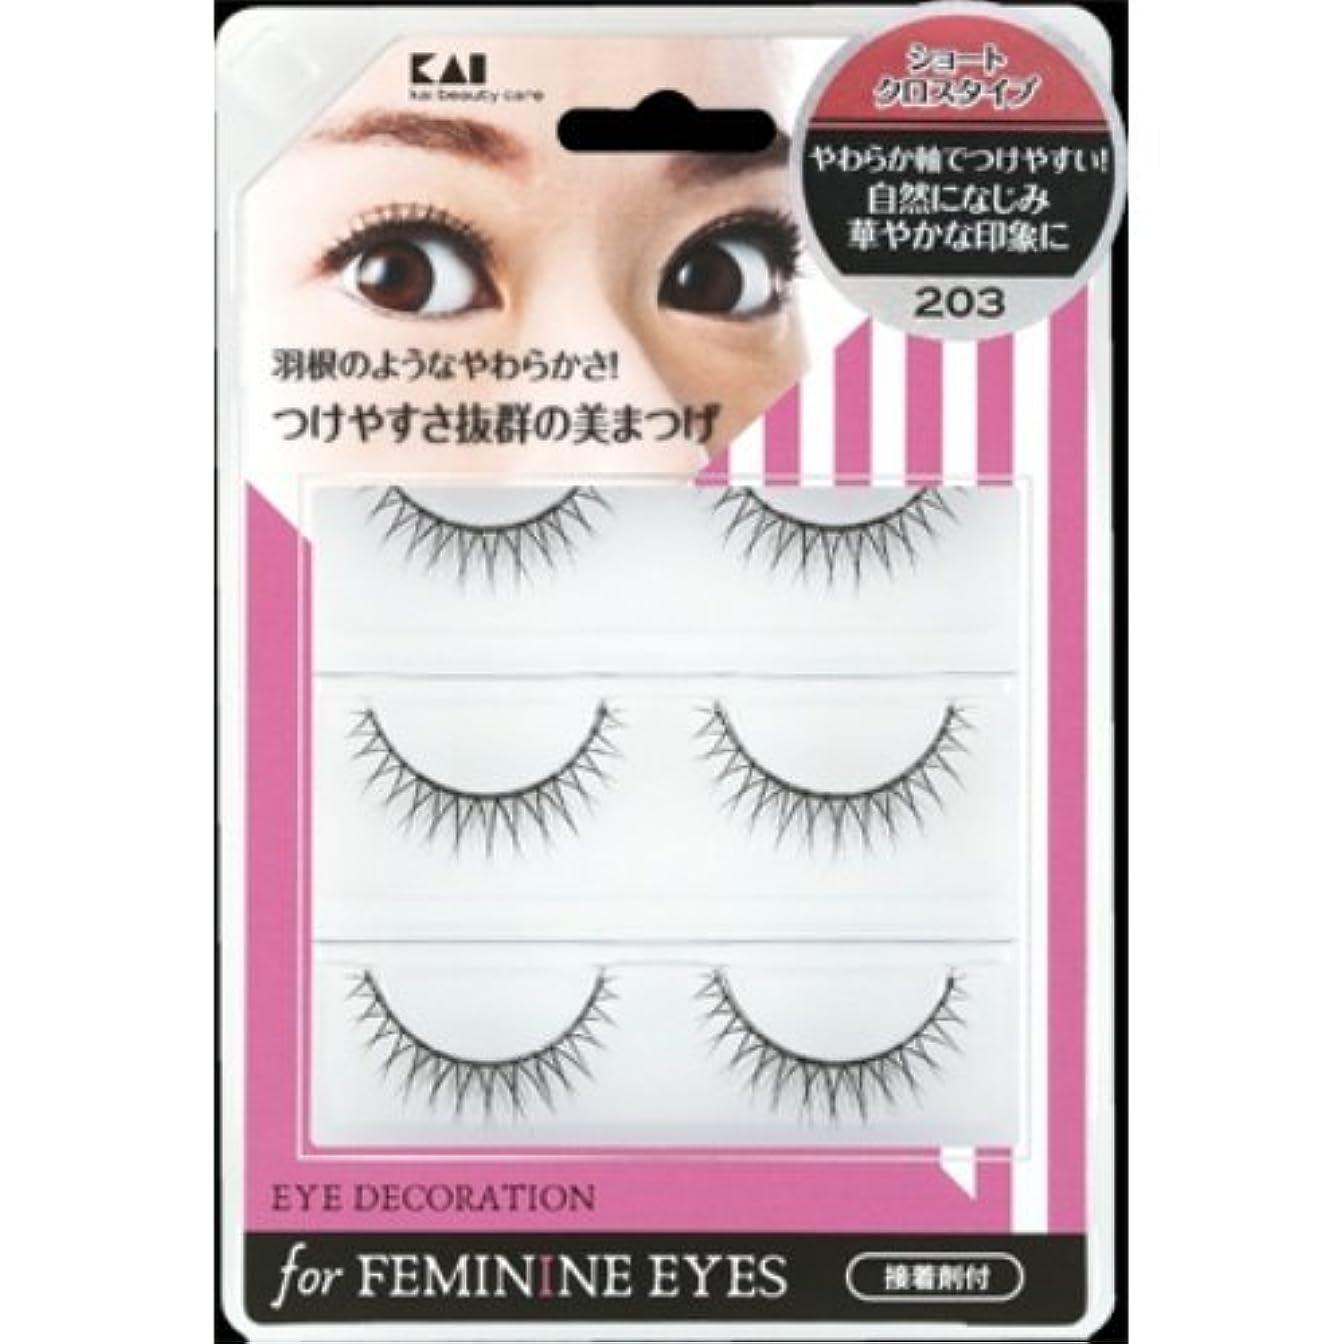 堀蛾他の日貝印 アイデコレーション for feminine eyes 203 HC1560